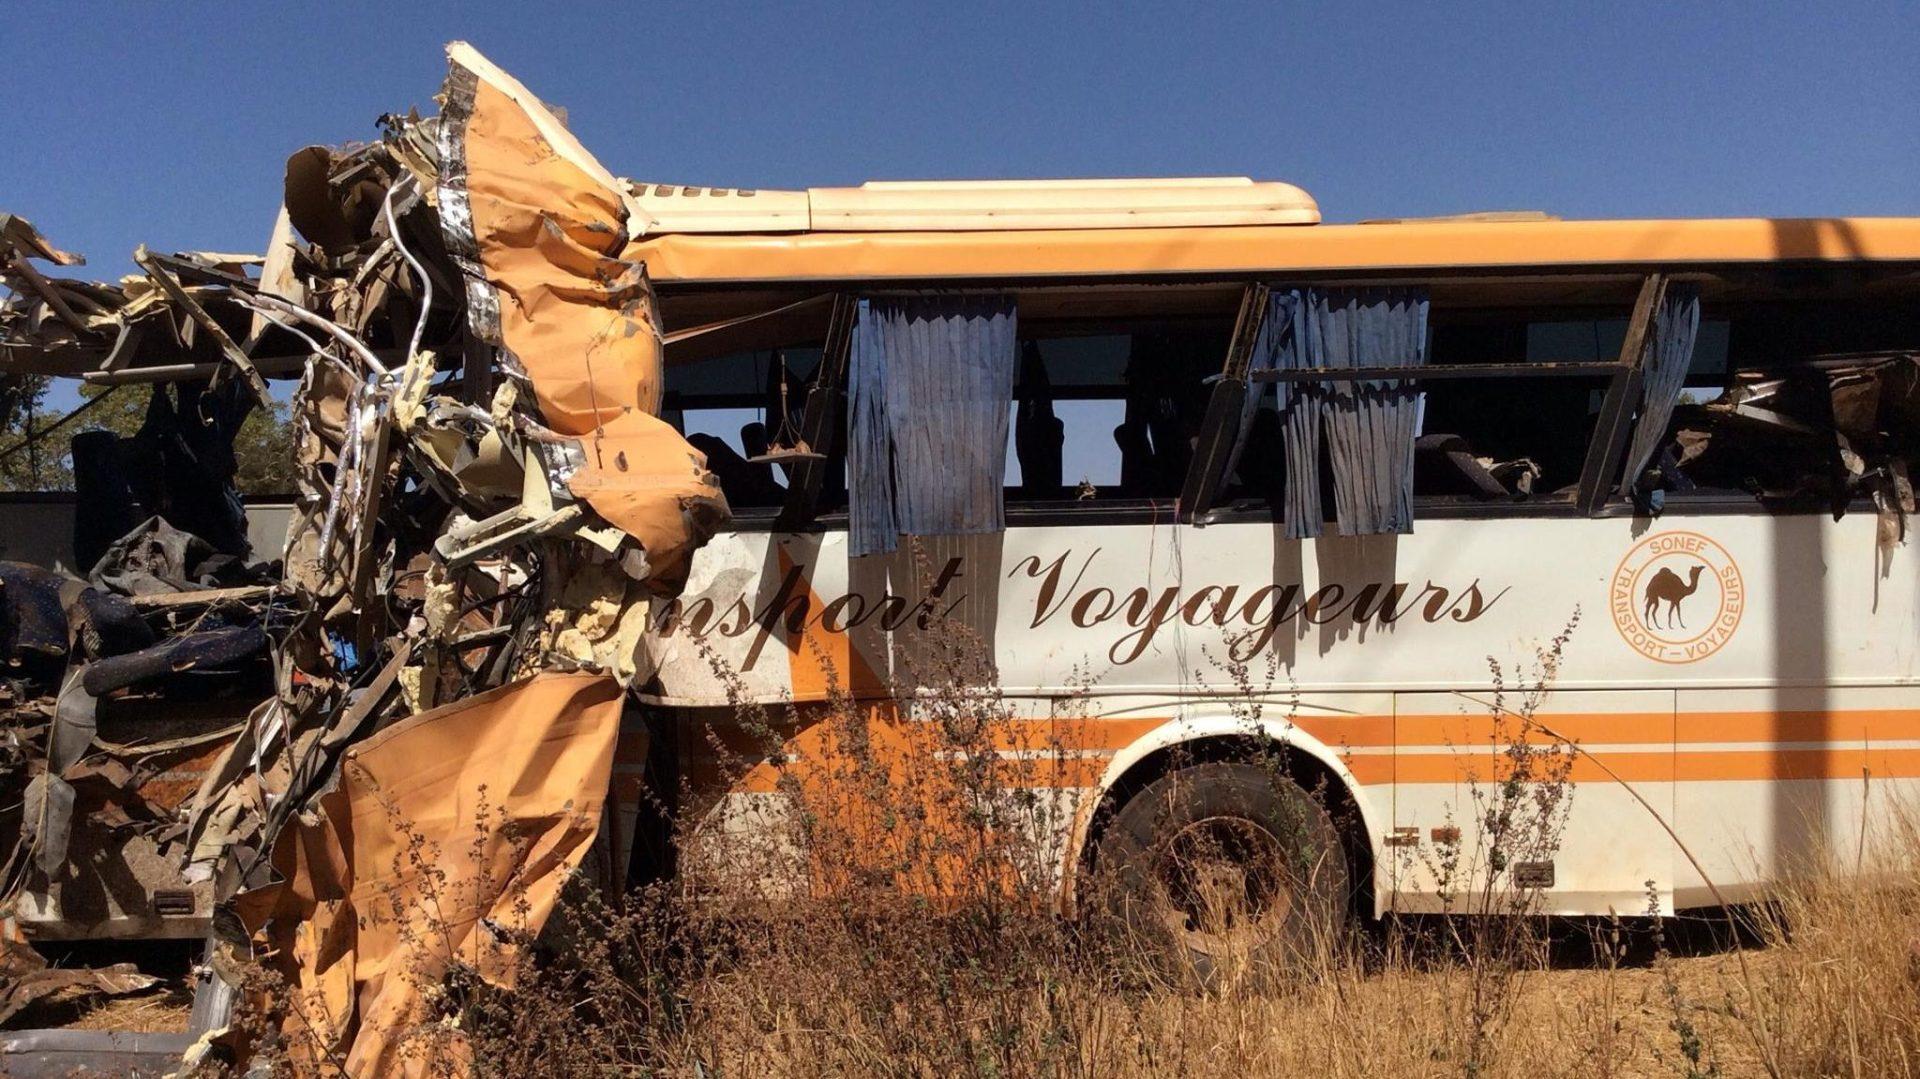 Mali: au moins 8 passagers tués et plusieurs autres blessés dans l'explosion d'une mine au passage de leur bus